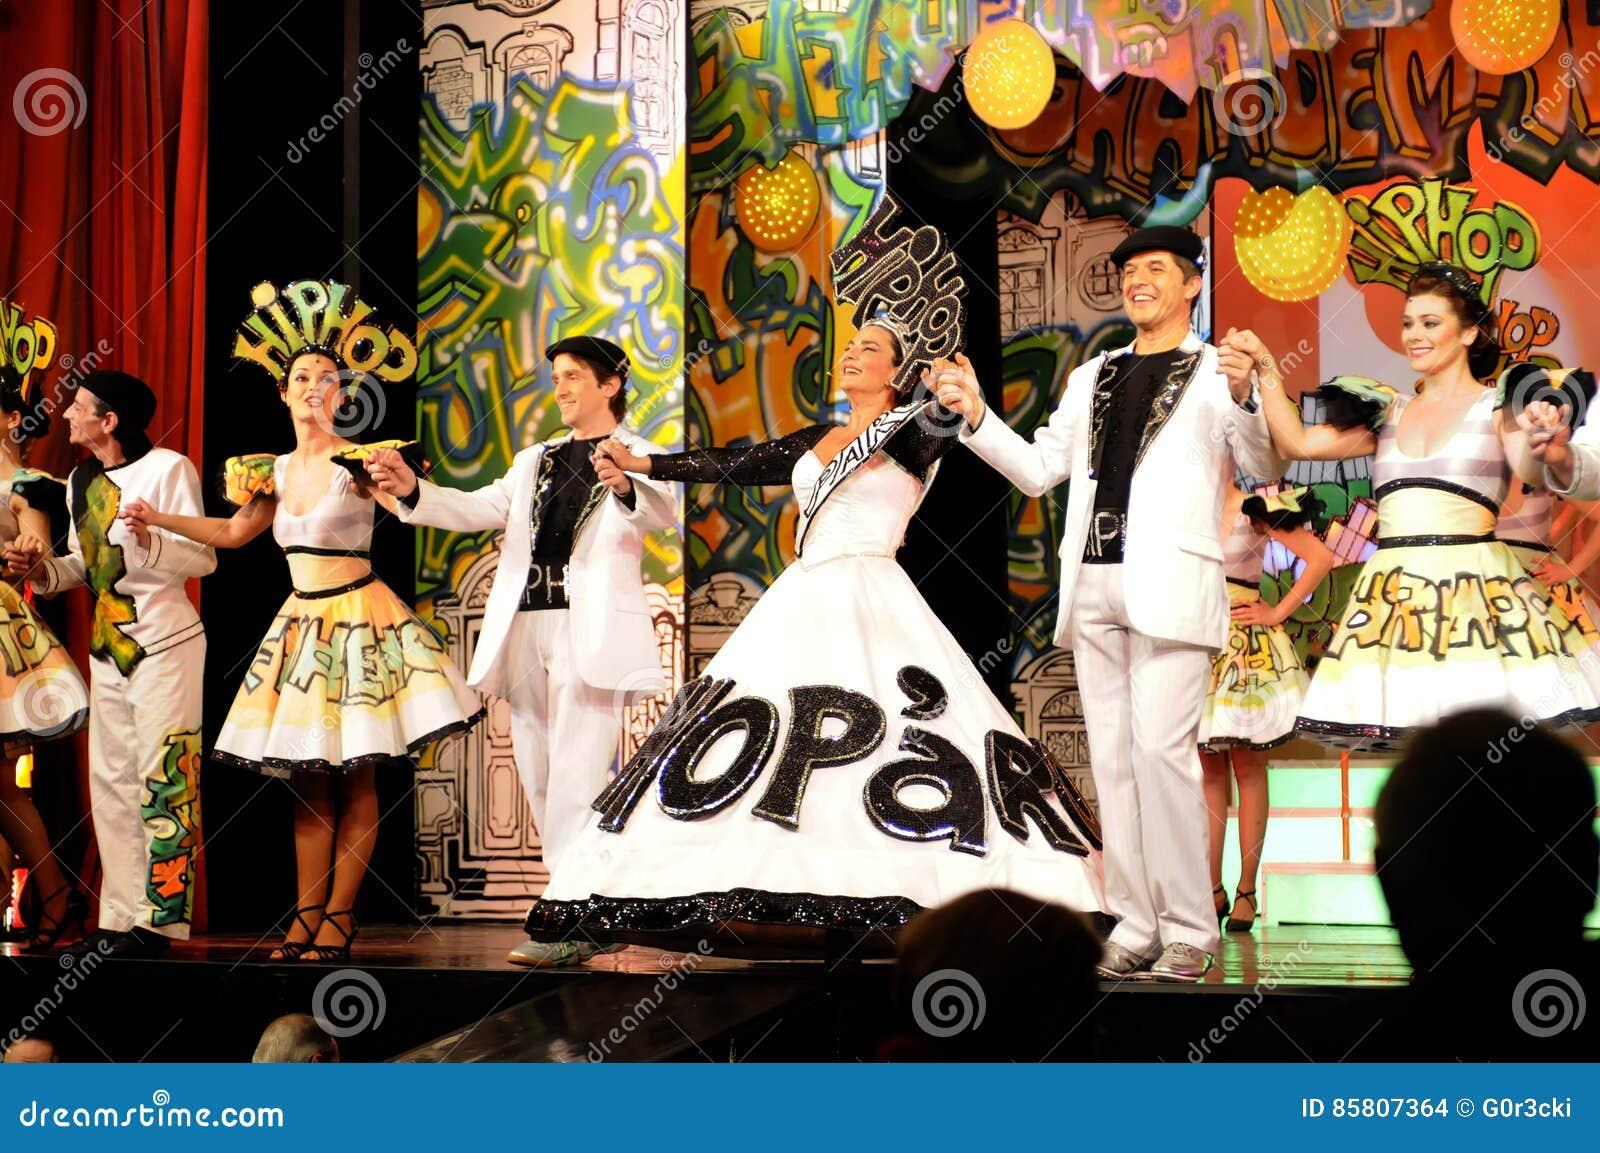 Atrizes e atores na fase que guarda as mãos, interior do teatro, peça musical - Hip Hop